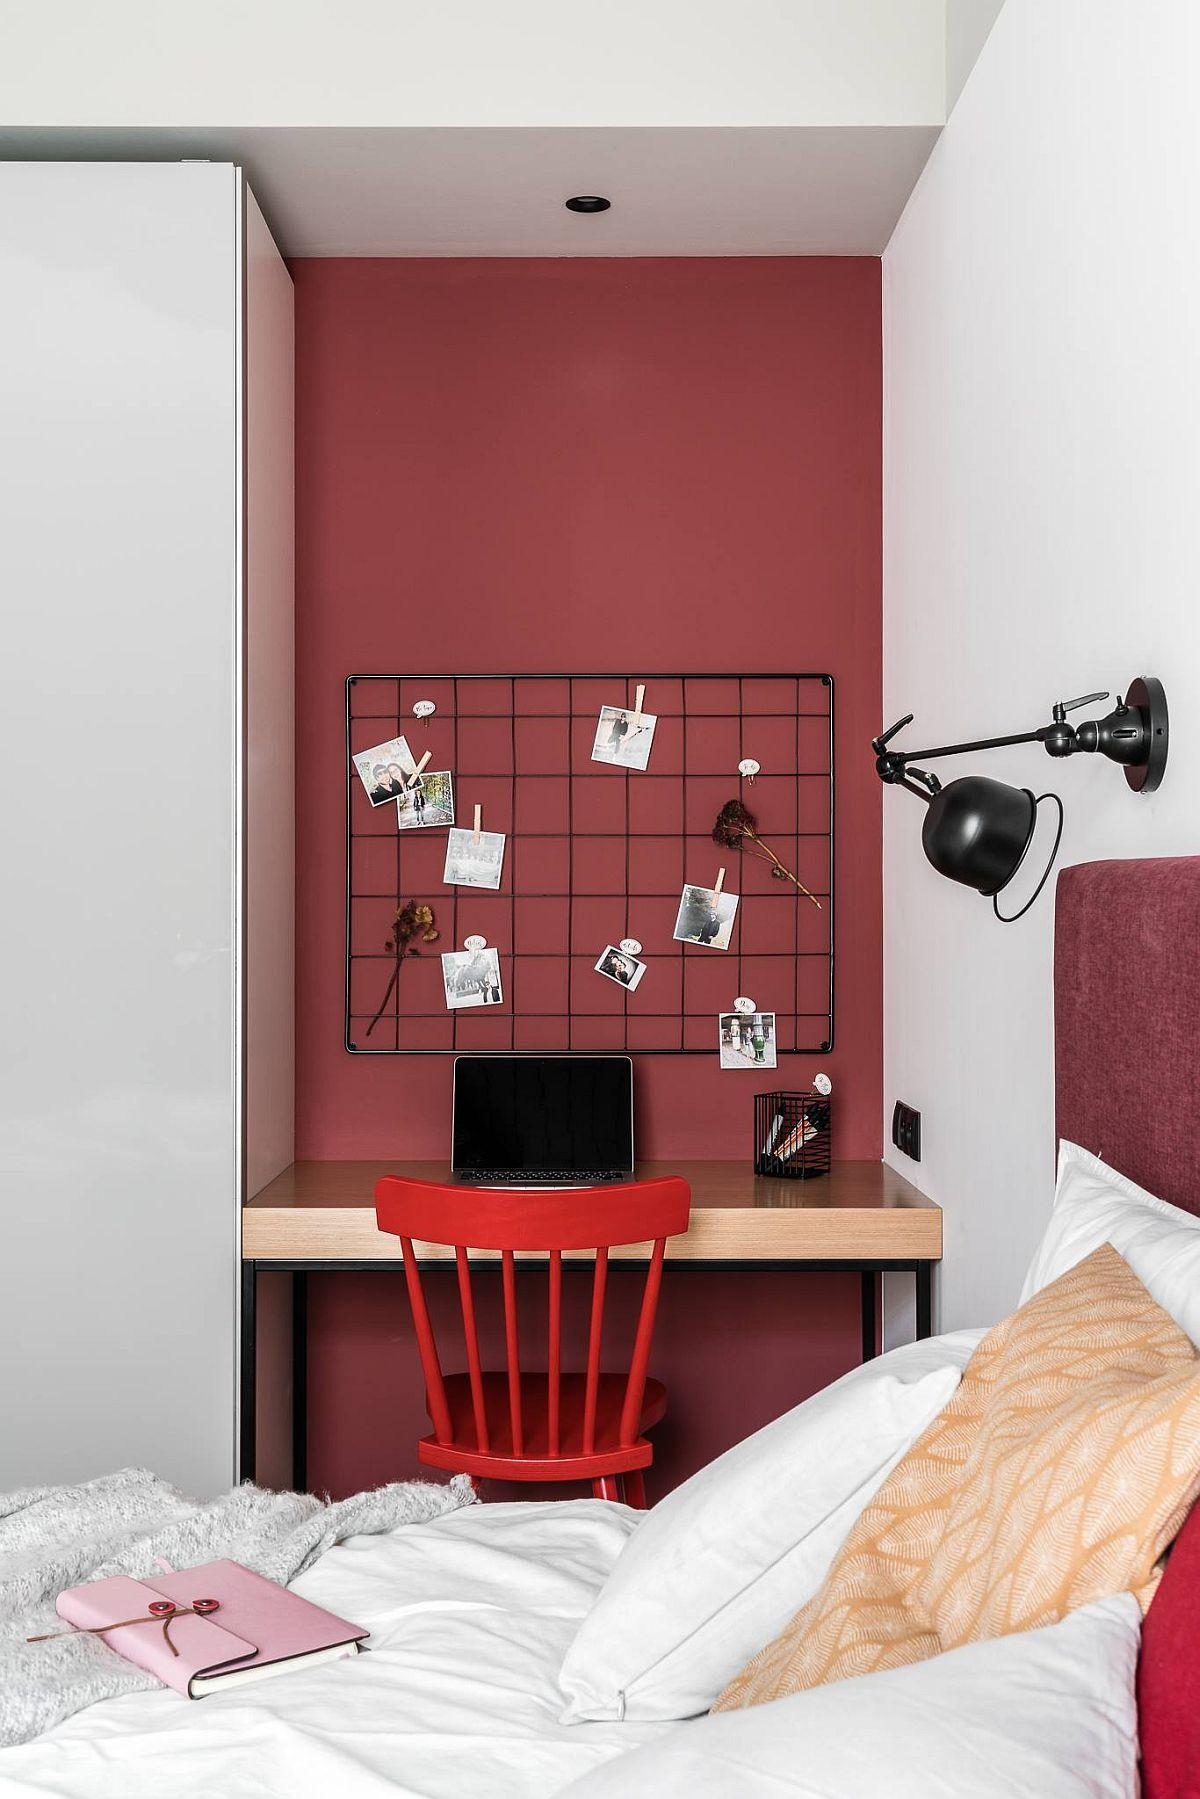 Pentru ca zona de birou să nu se simtă claustrofobicp, arhitecții au creionat-o într-o nuanță mai intensă care stimulează atenția, dar au tratat totul cât mai minimal în rest pentru ca această zonă să nu devină aglomerată.